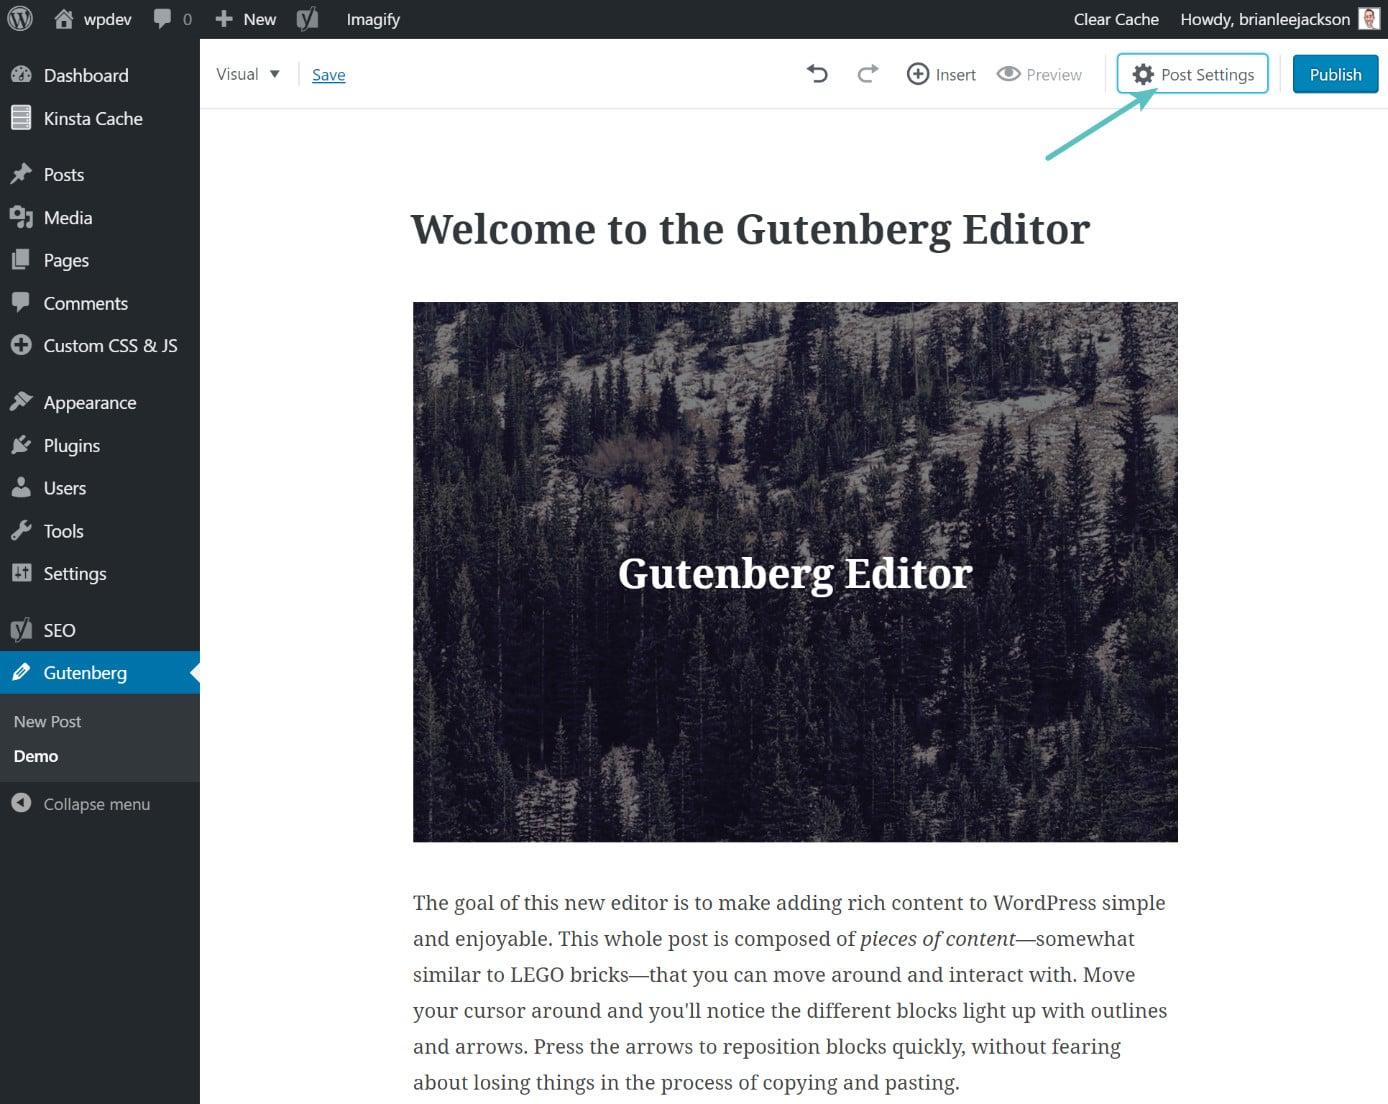 Ocultar configurações de post (uma opção intermédia em comparação com o modo de escrita livre de distrações)